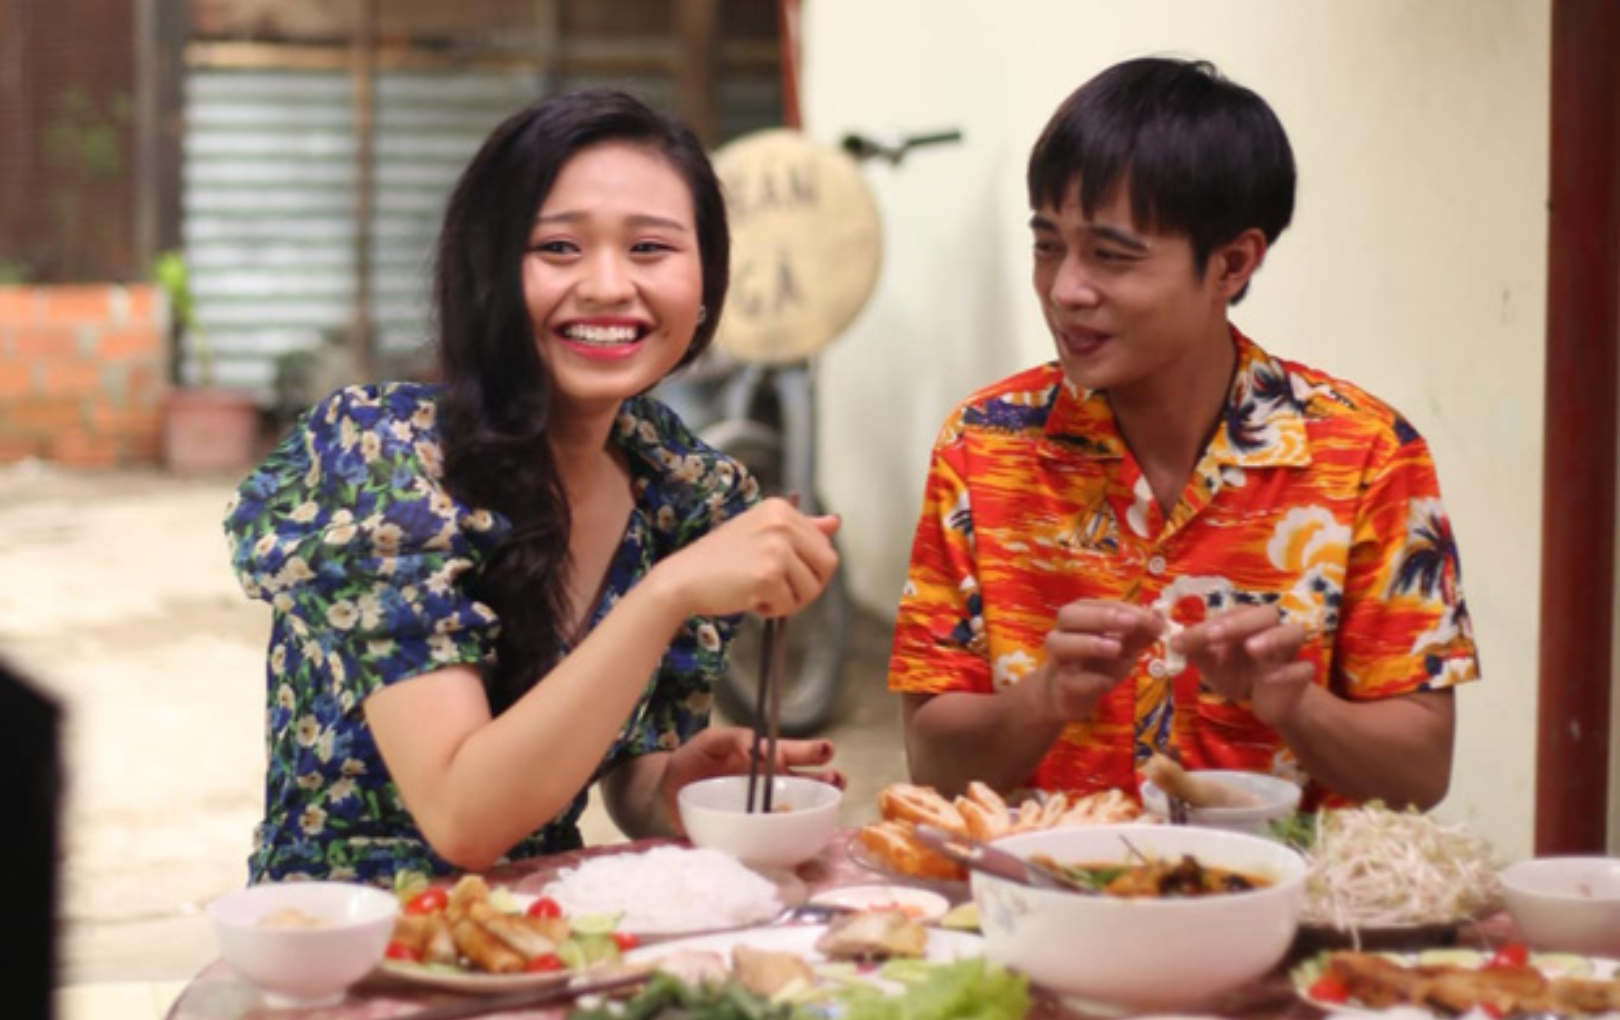 Lê Lộc chủ động đăng ảnh tình cảm bên Tuấn Dũng, sao Việt đồng loạt hối cưới